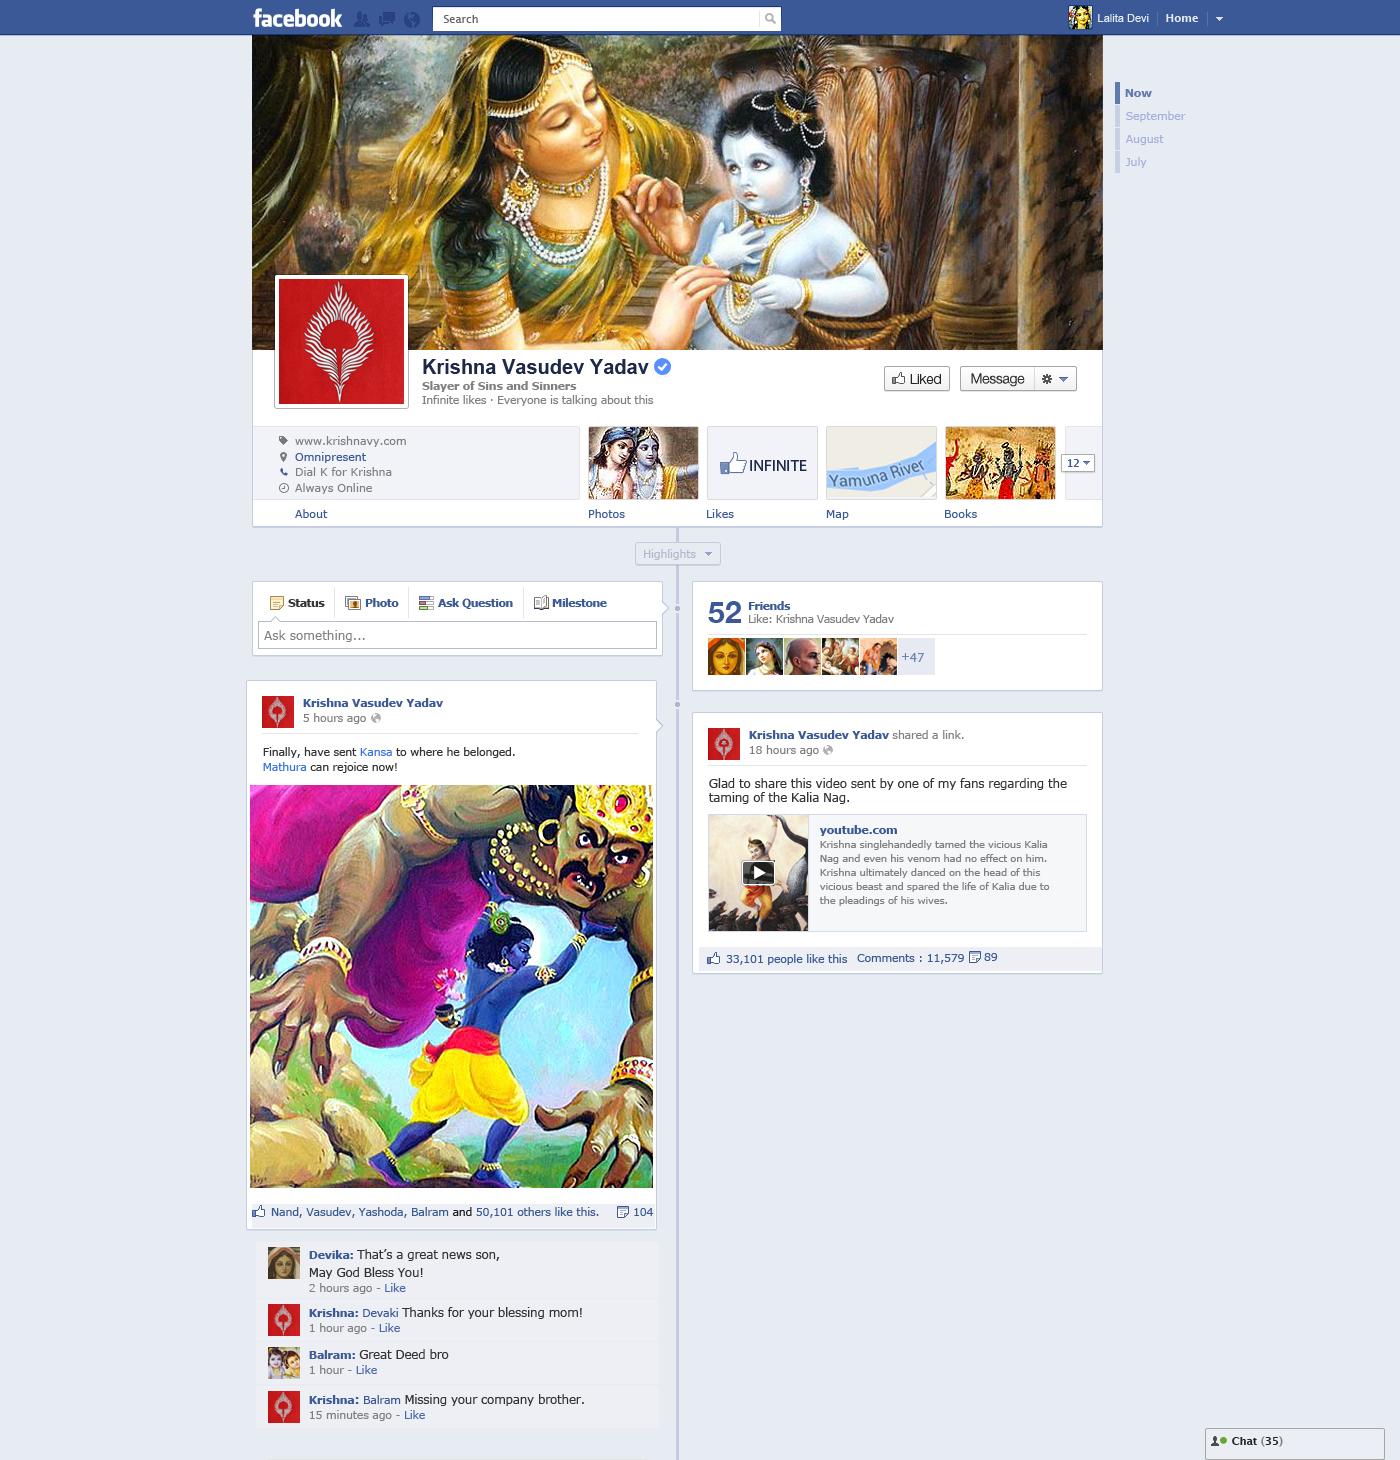 5 facebook- krishna